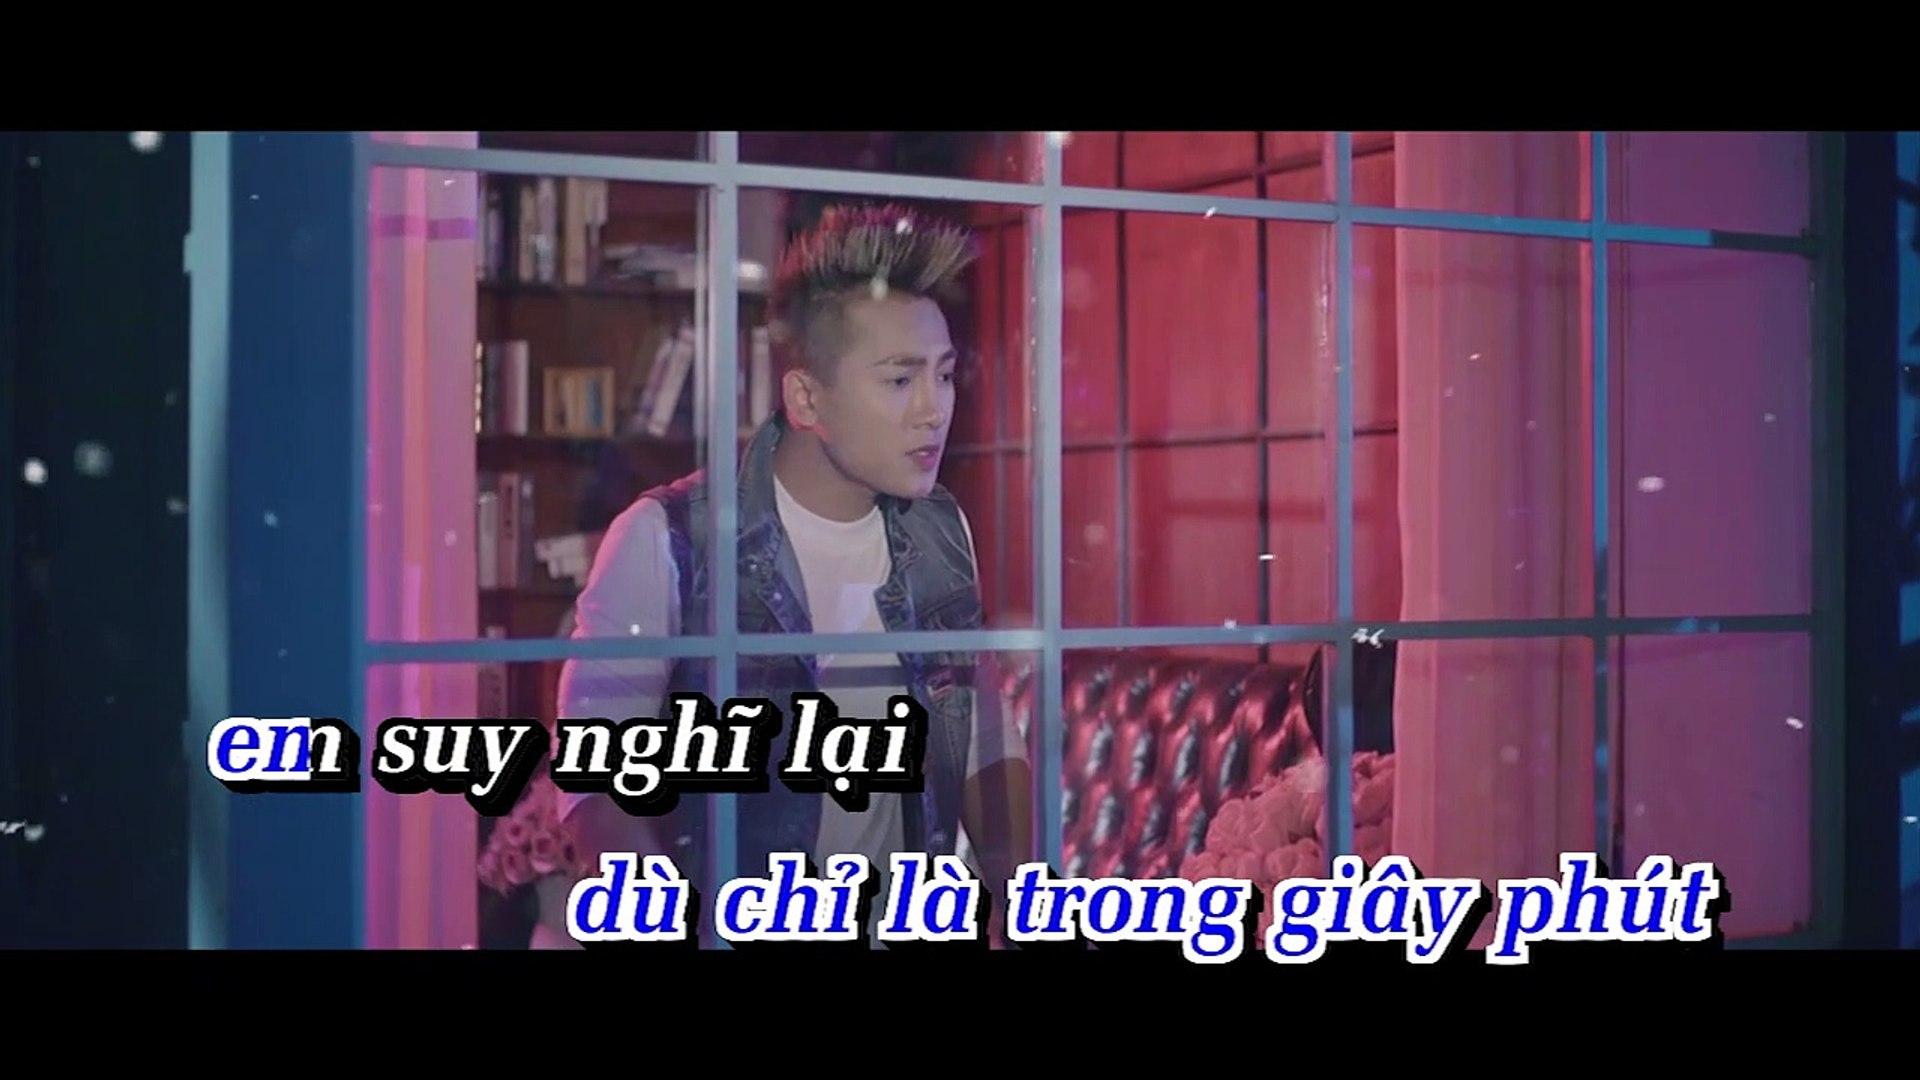 [Karaoke] Chốt Lại Em Muốn Chia Tay - Châu Khải Phong Ft. Khang Việt [Beat]